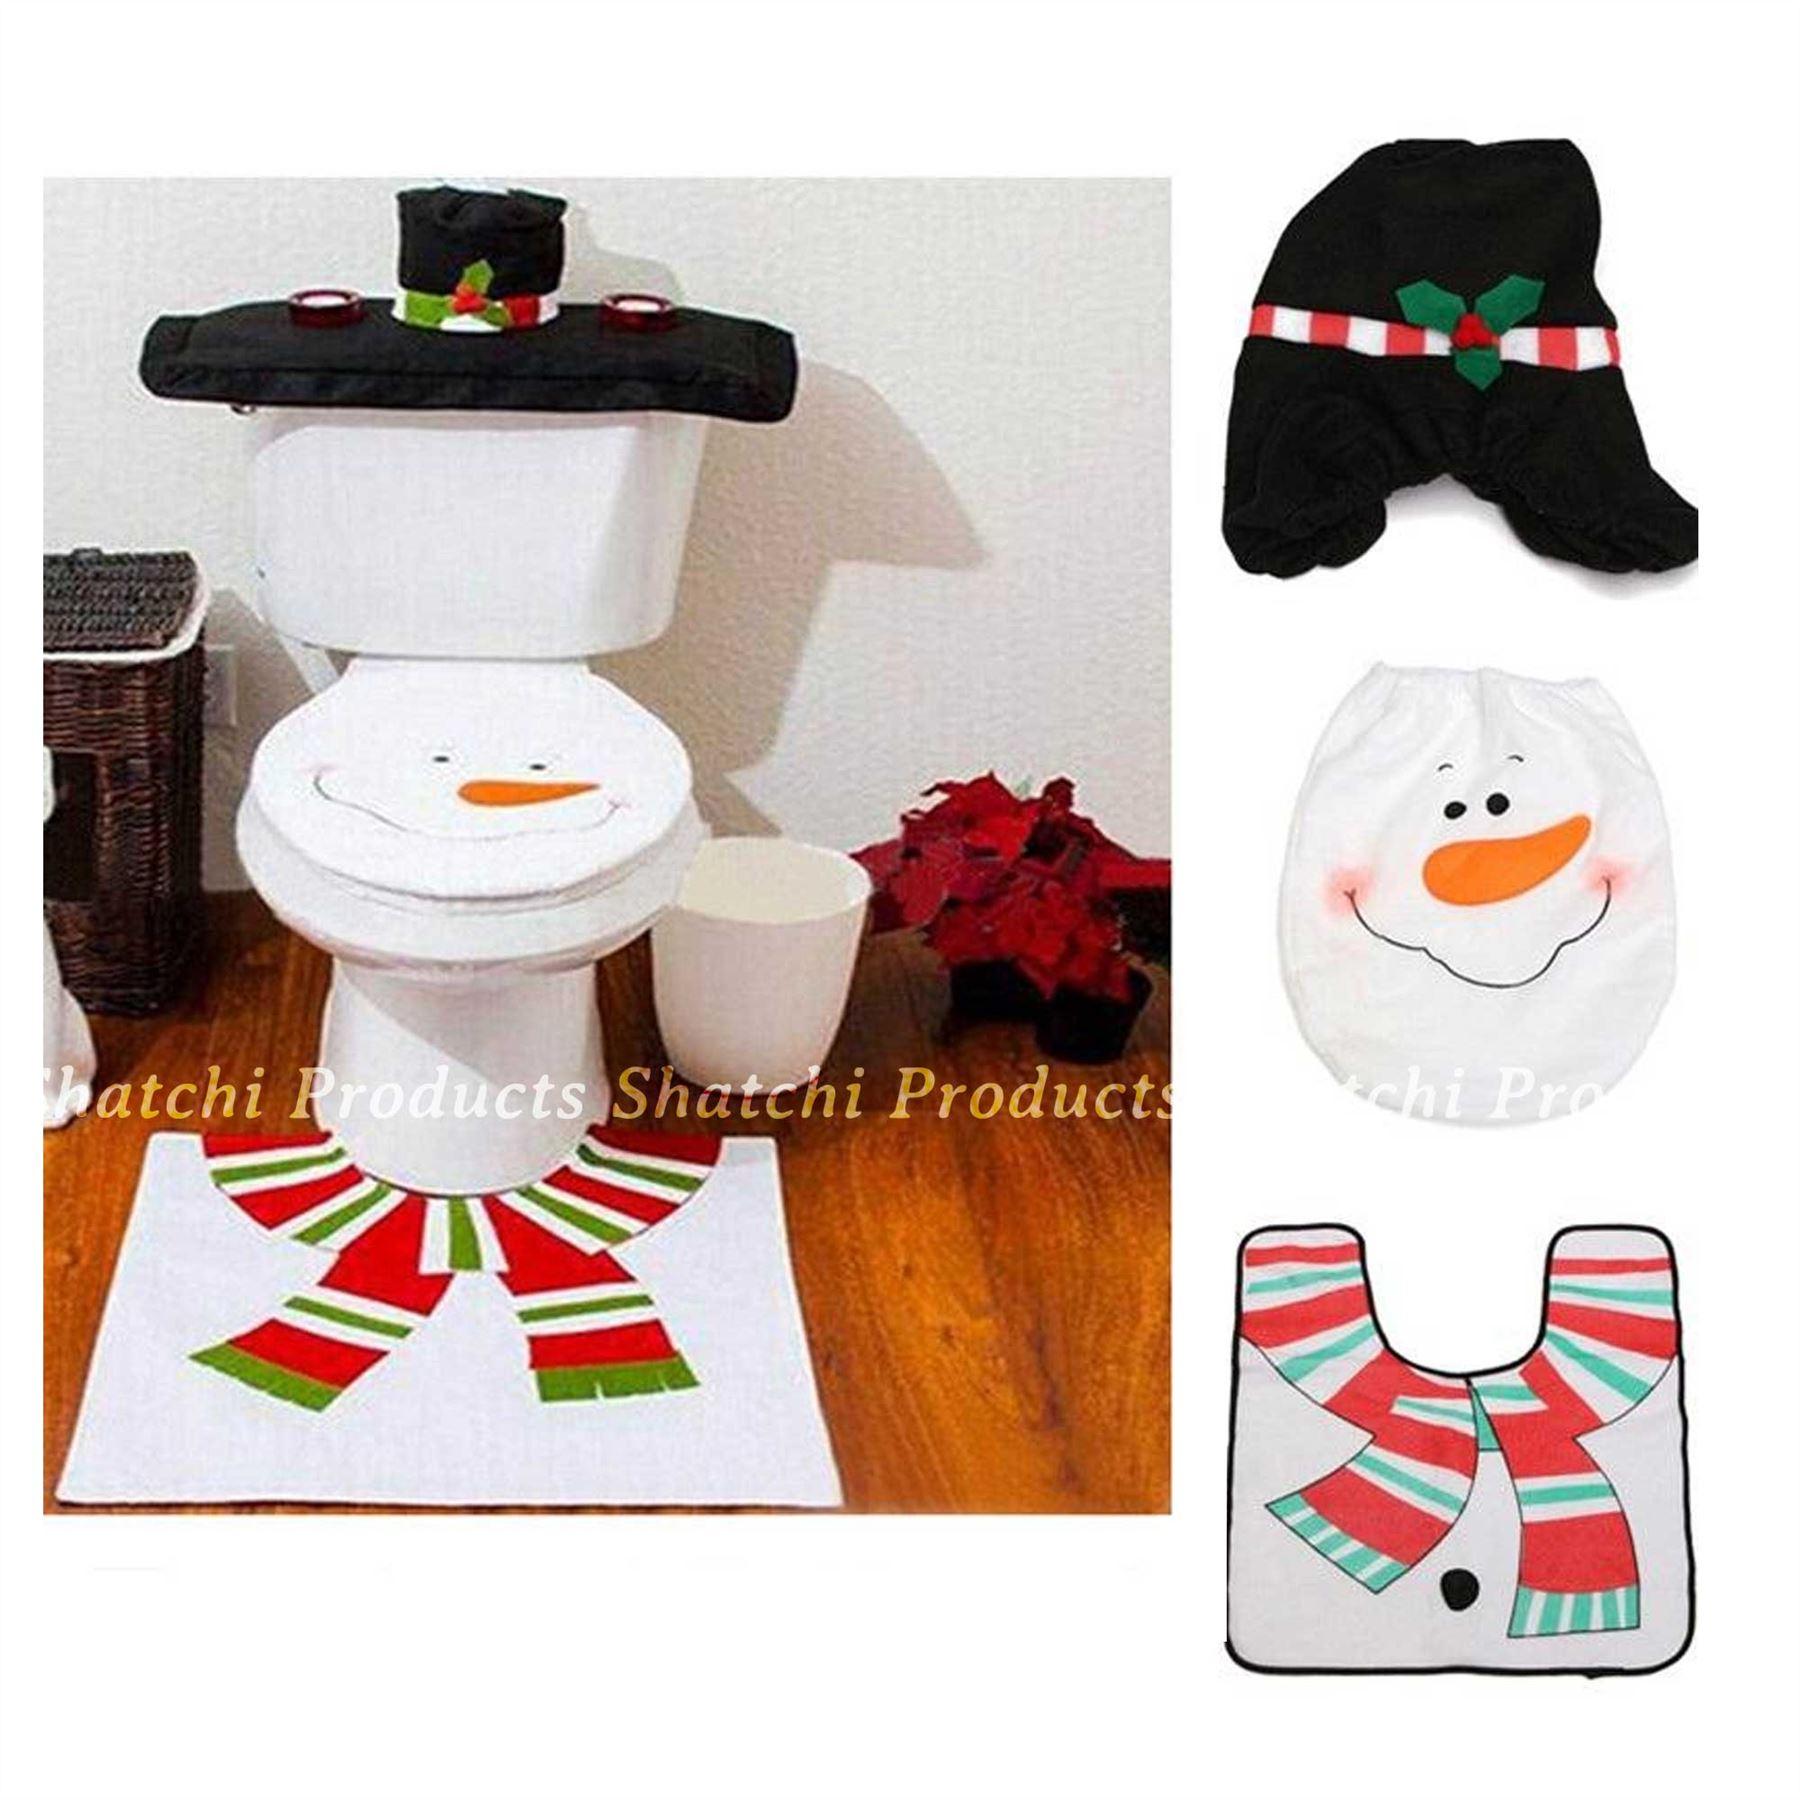 Decorazione-Natalizia-Natale-Casa-Bagno-Toilet-Seat-Cover-Set-Babbo-Natale-Elfo-Pupazzo-di-neve miniatura 15